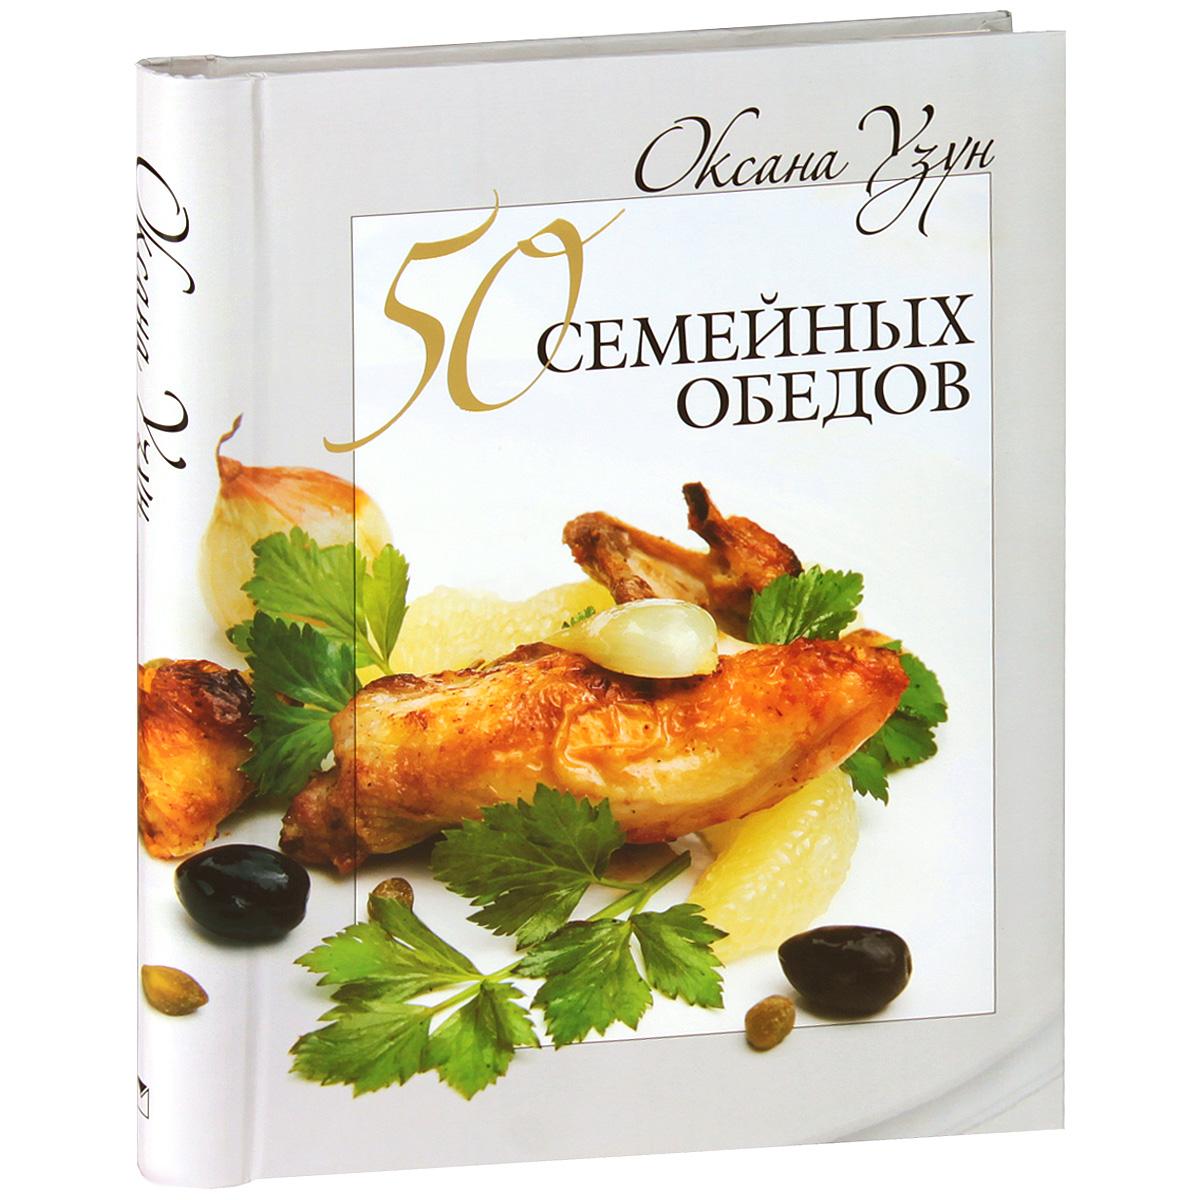 Оксана  Узун 50 семейных обедов сумку для обедов